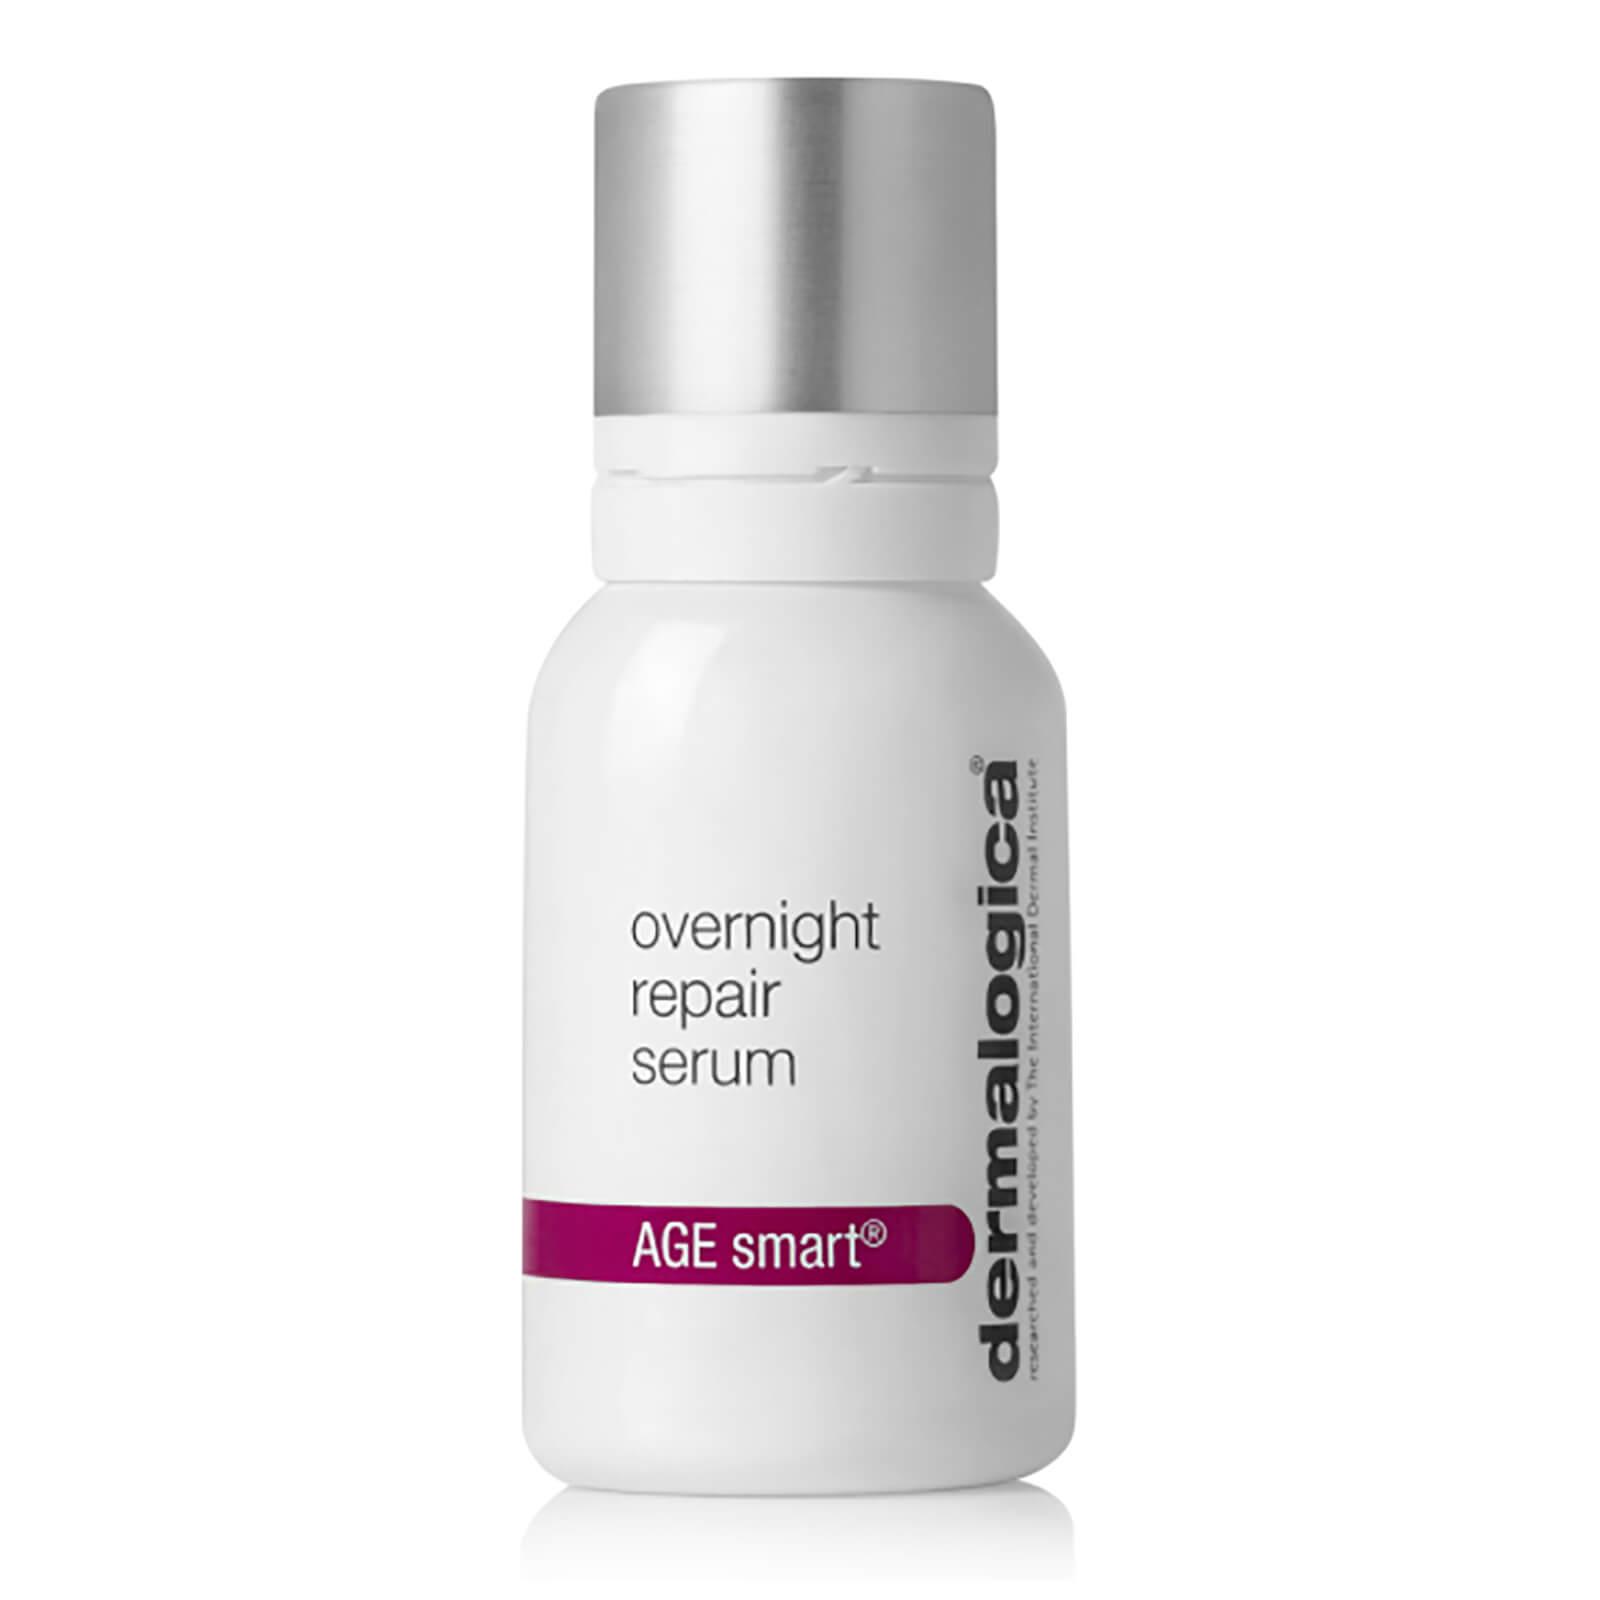 OVER NIGHT REPAIR SERUM - sérum réparateur de nuit nourrissant & anti-âge